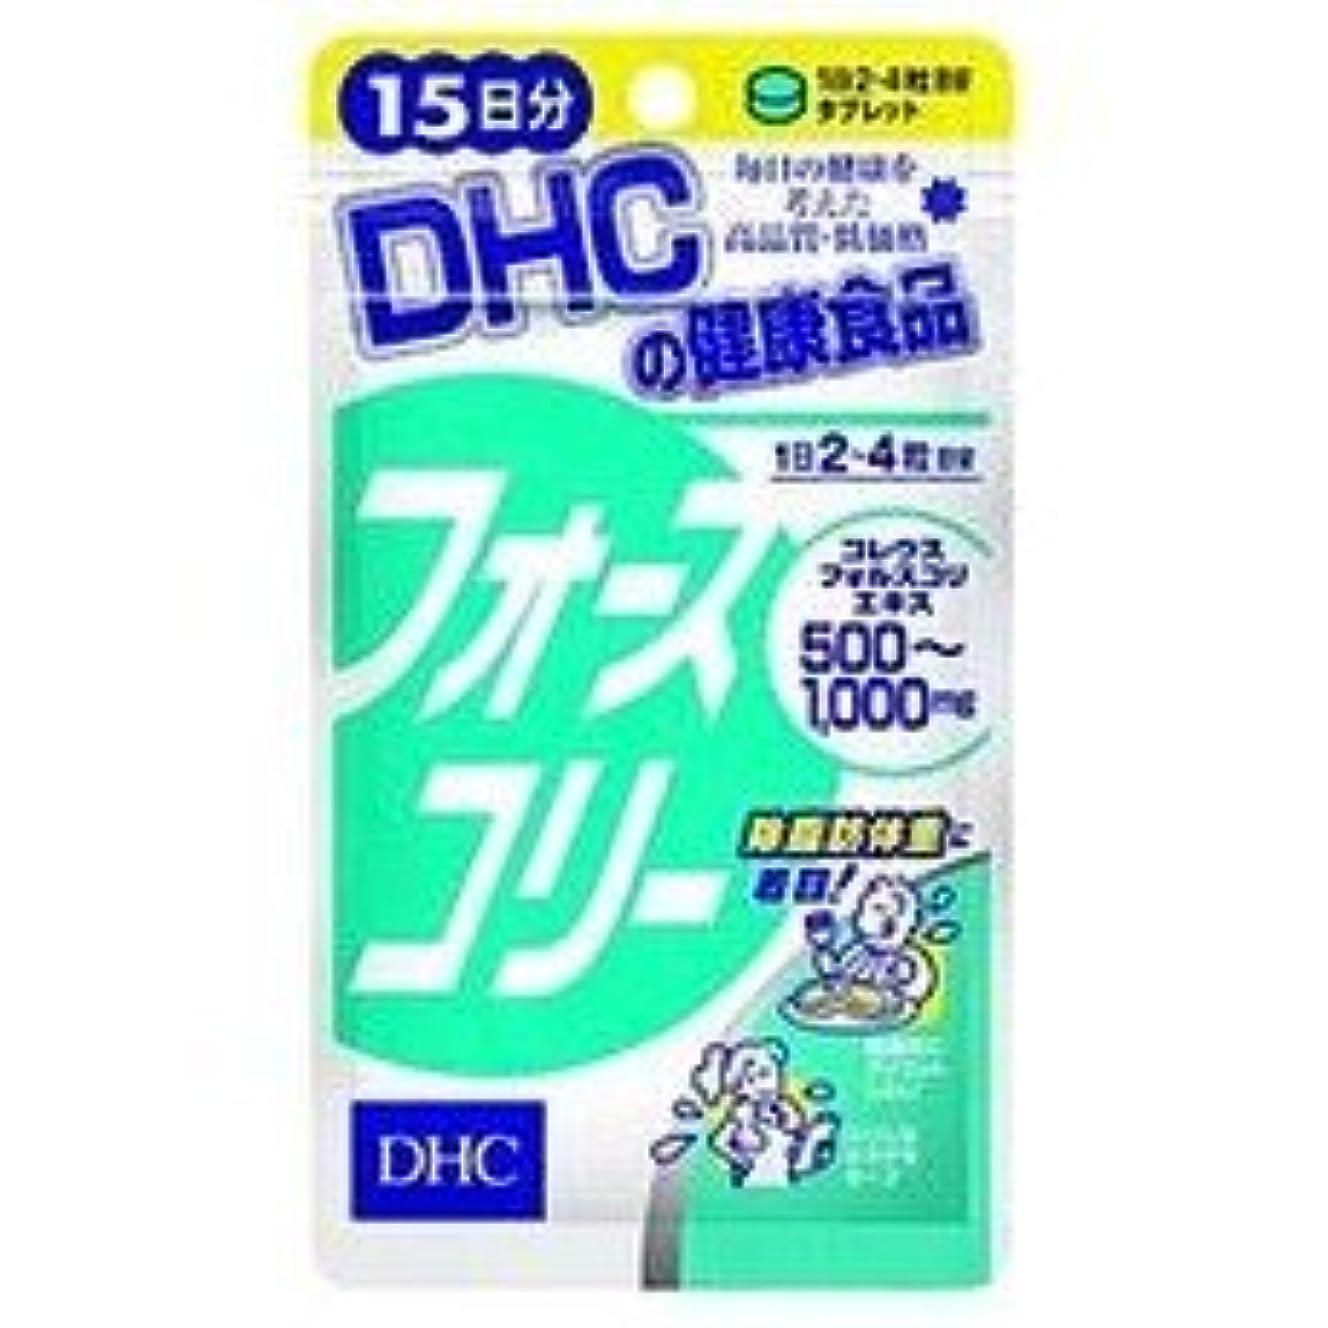 完璧な反対操るDHC フォースコリー 15日分 60粒